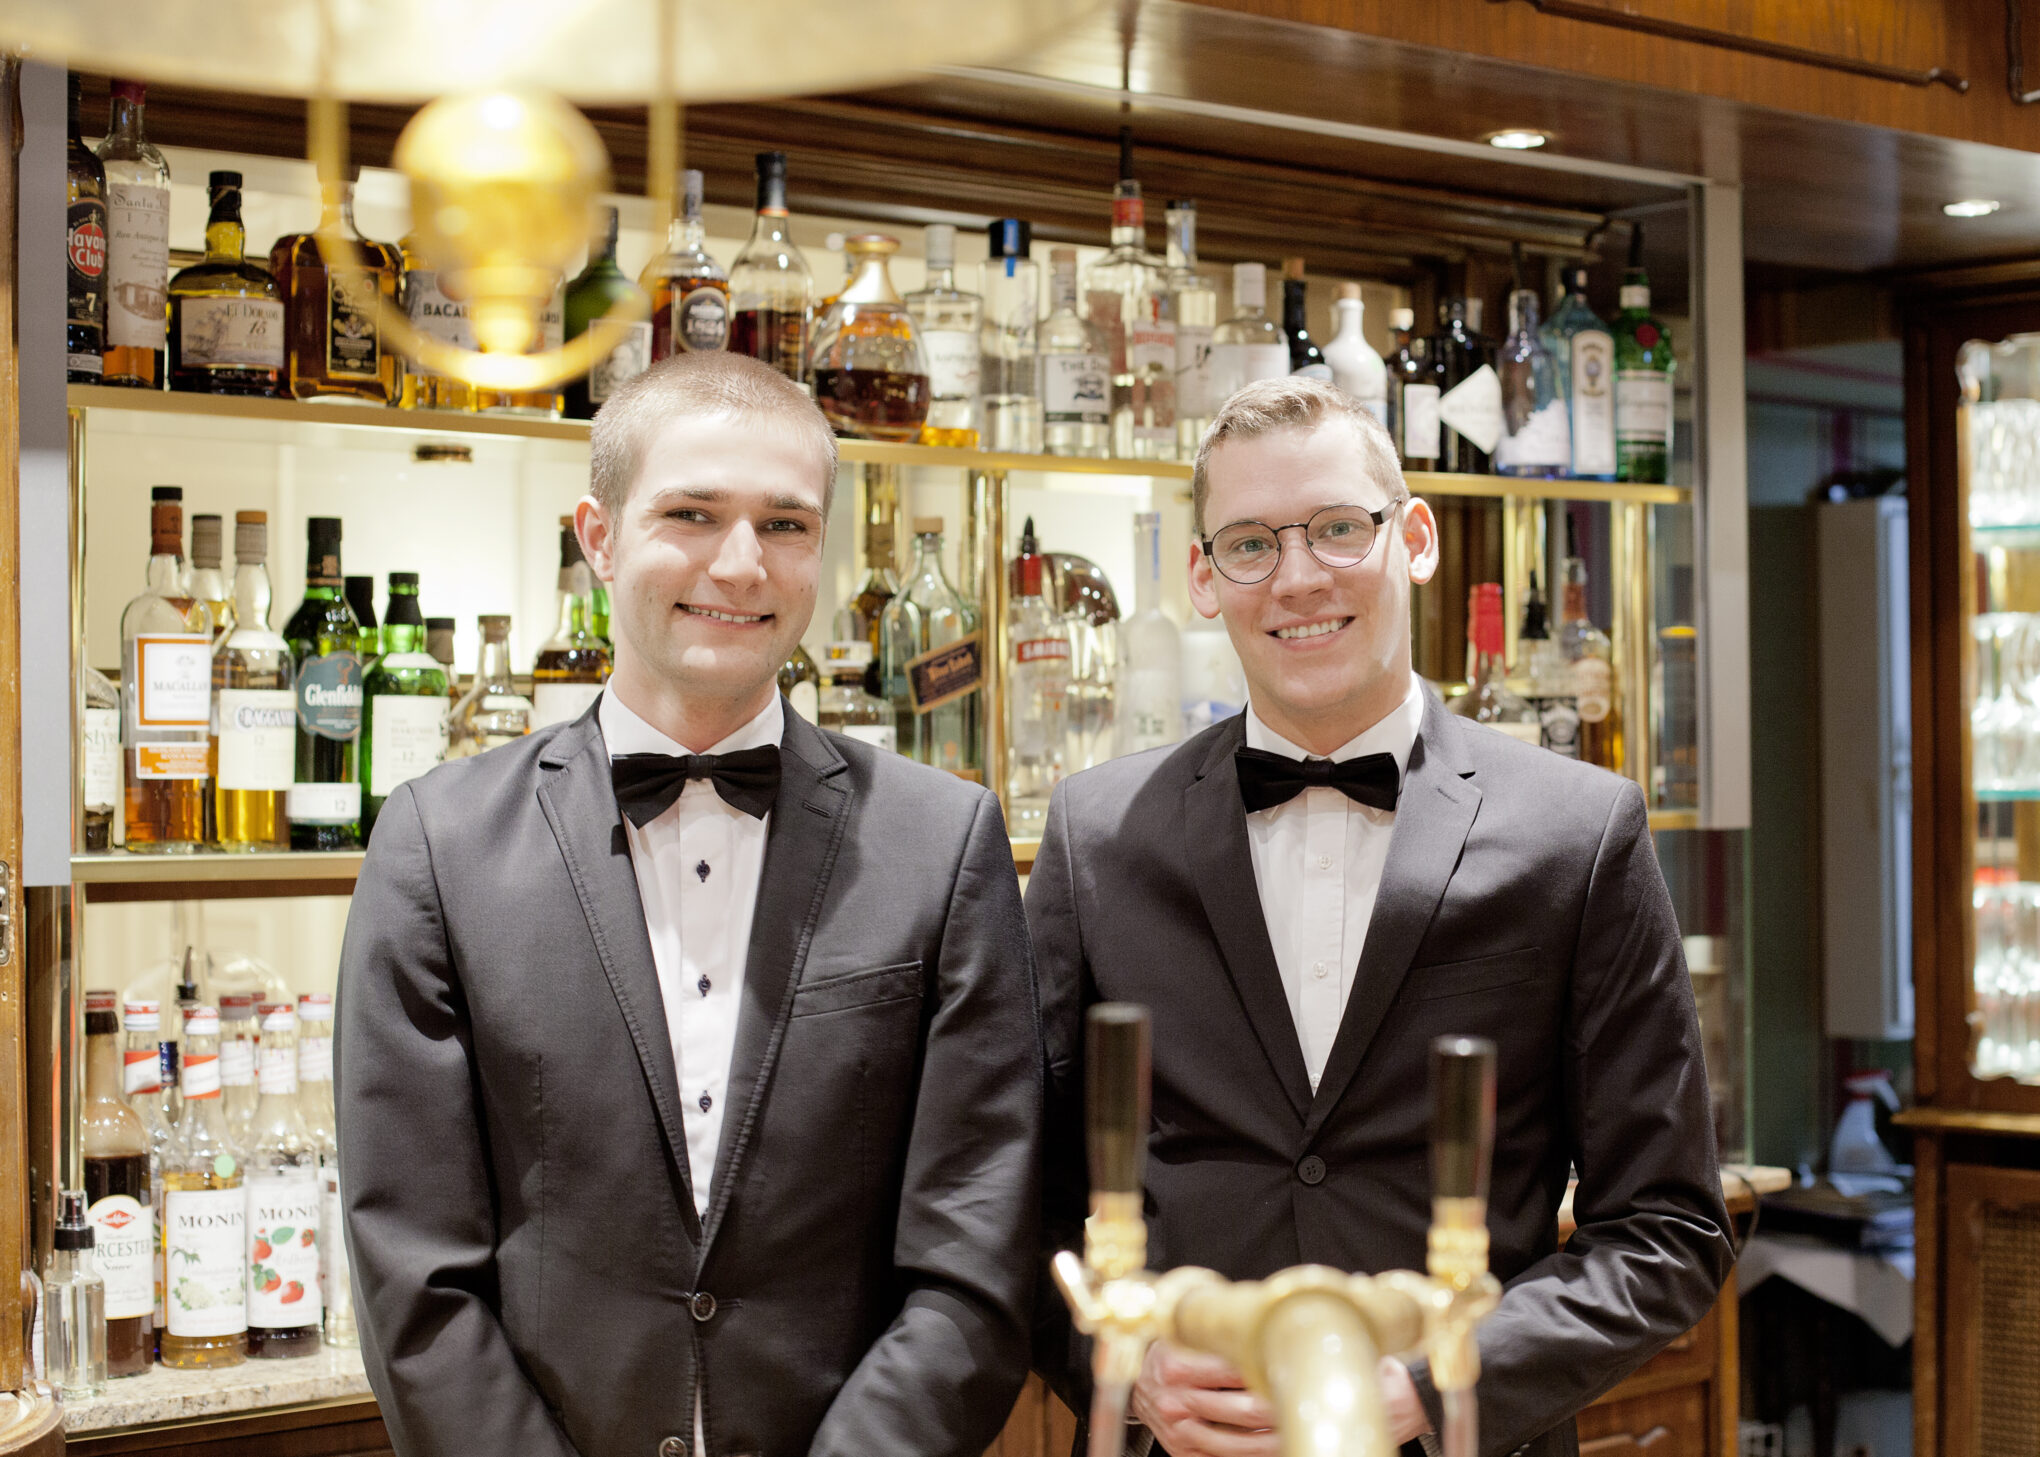 Mitarbeiter der Bar ©Europäischer Hof Hotel Europa Heidelberg GmbH